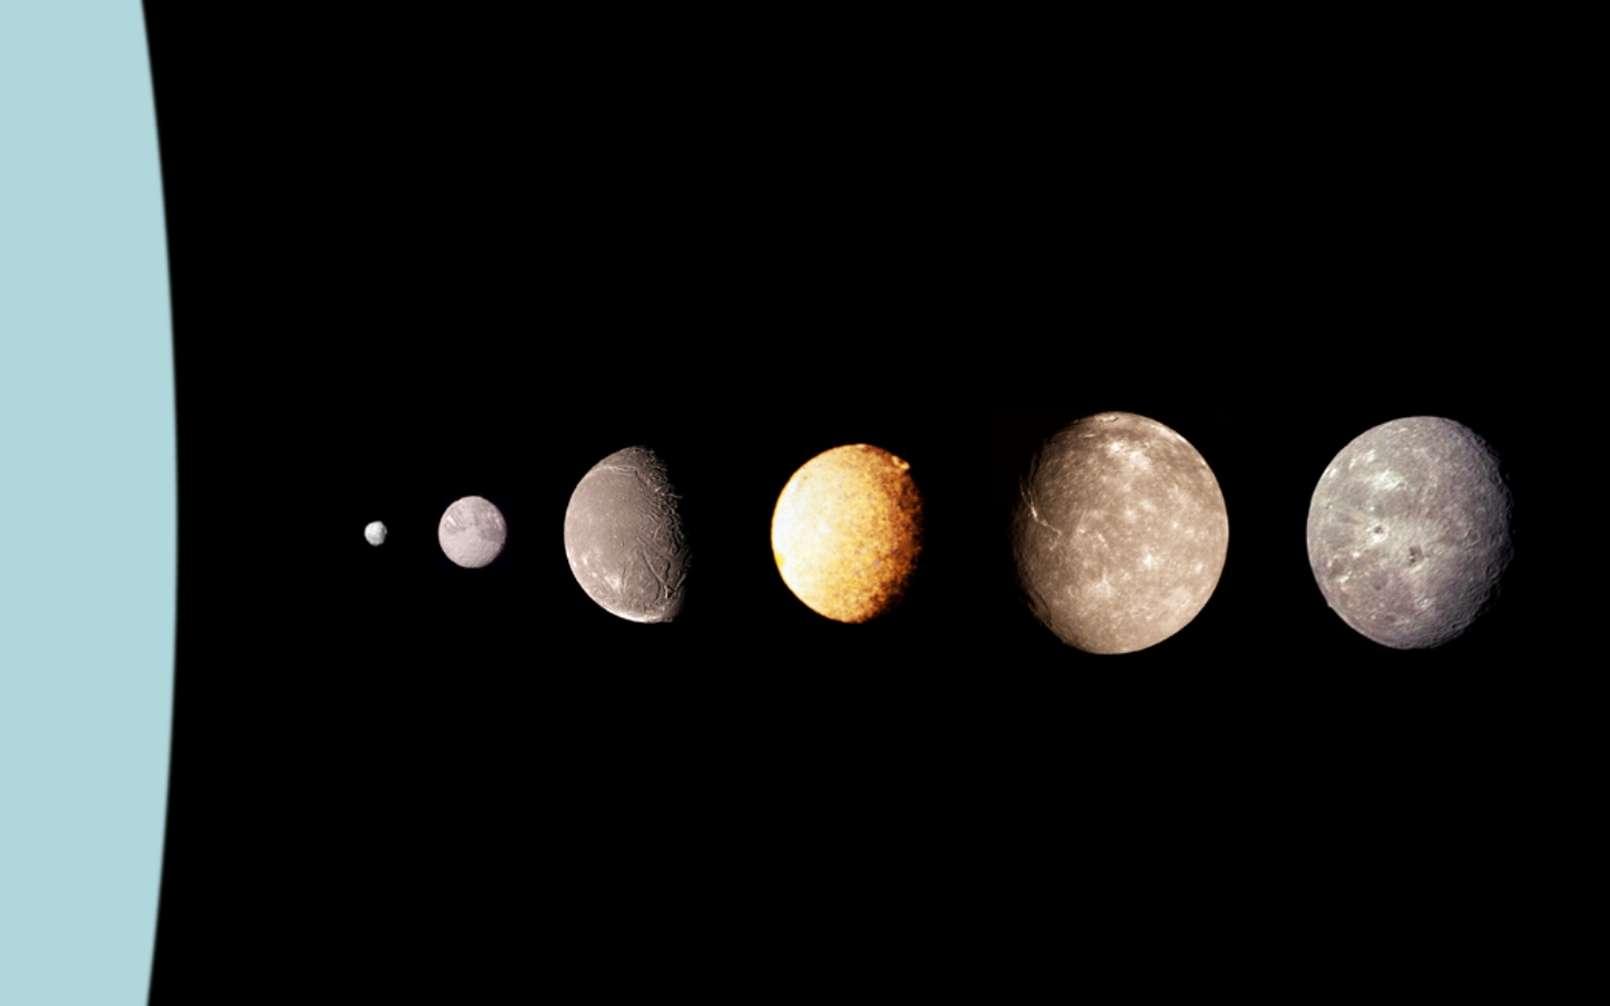 Puck, Miranda, Ariel, Umbriel, Titania, et Obéron : les principales lunes d'Uranus (cette dernière se trouve à l'échelle, à gauche), photographiées par Voyager 2. Il s'agit d'un montage. © Nasa